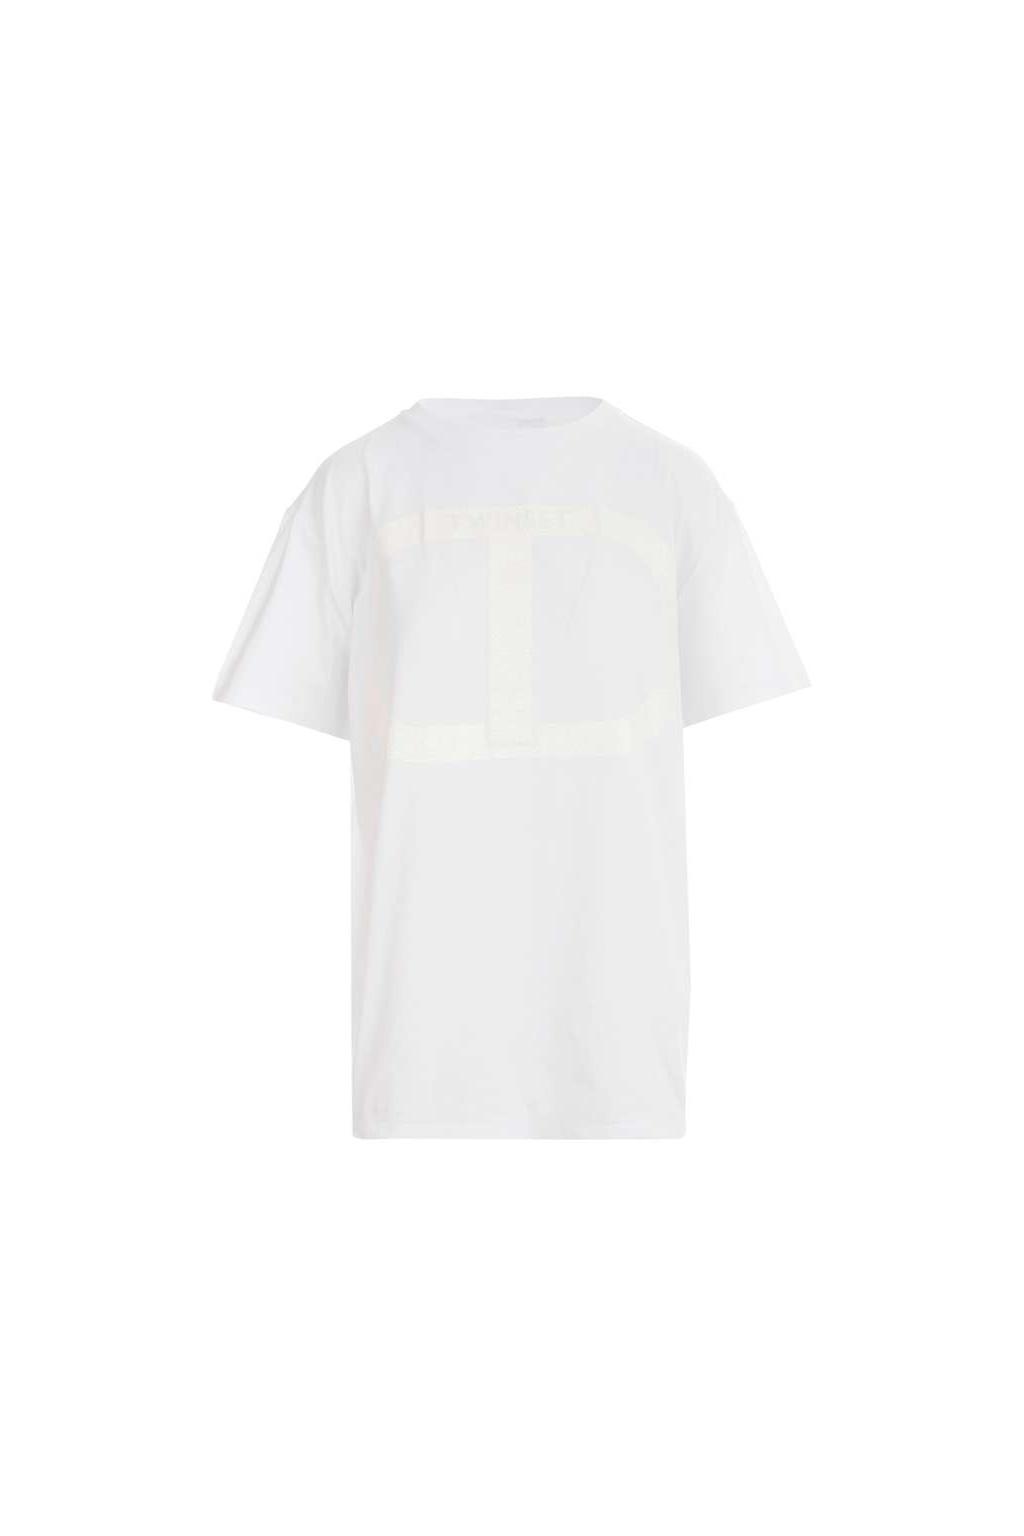 Dámské tričko Twinset 211TT2511 bílé